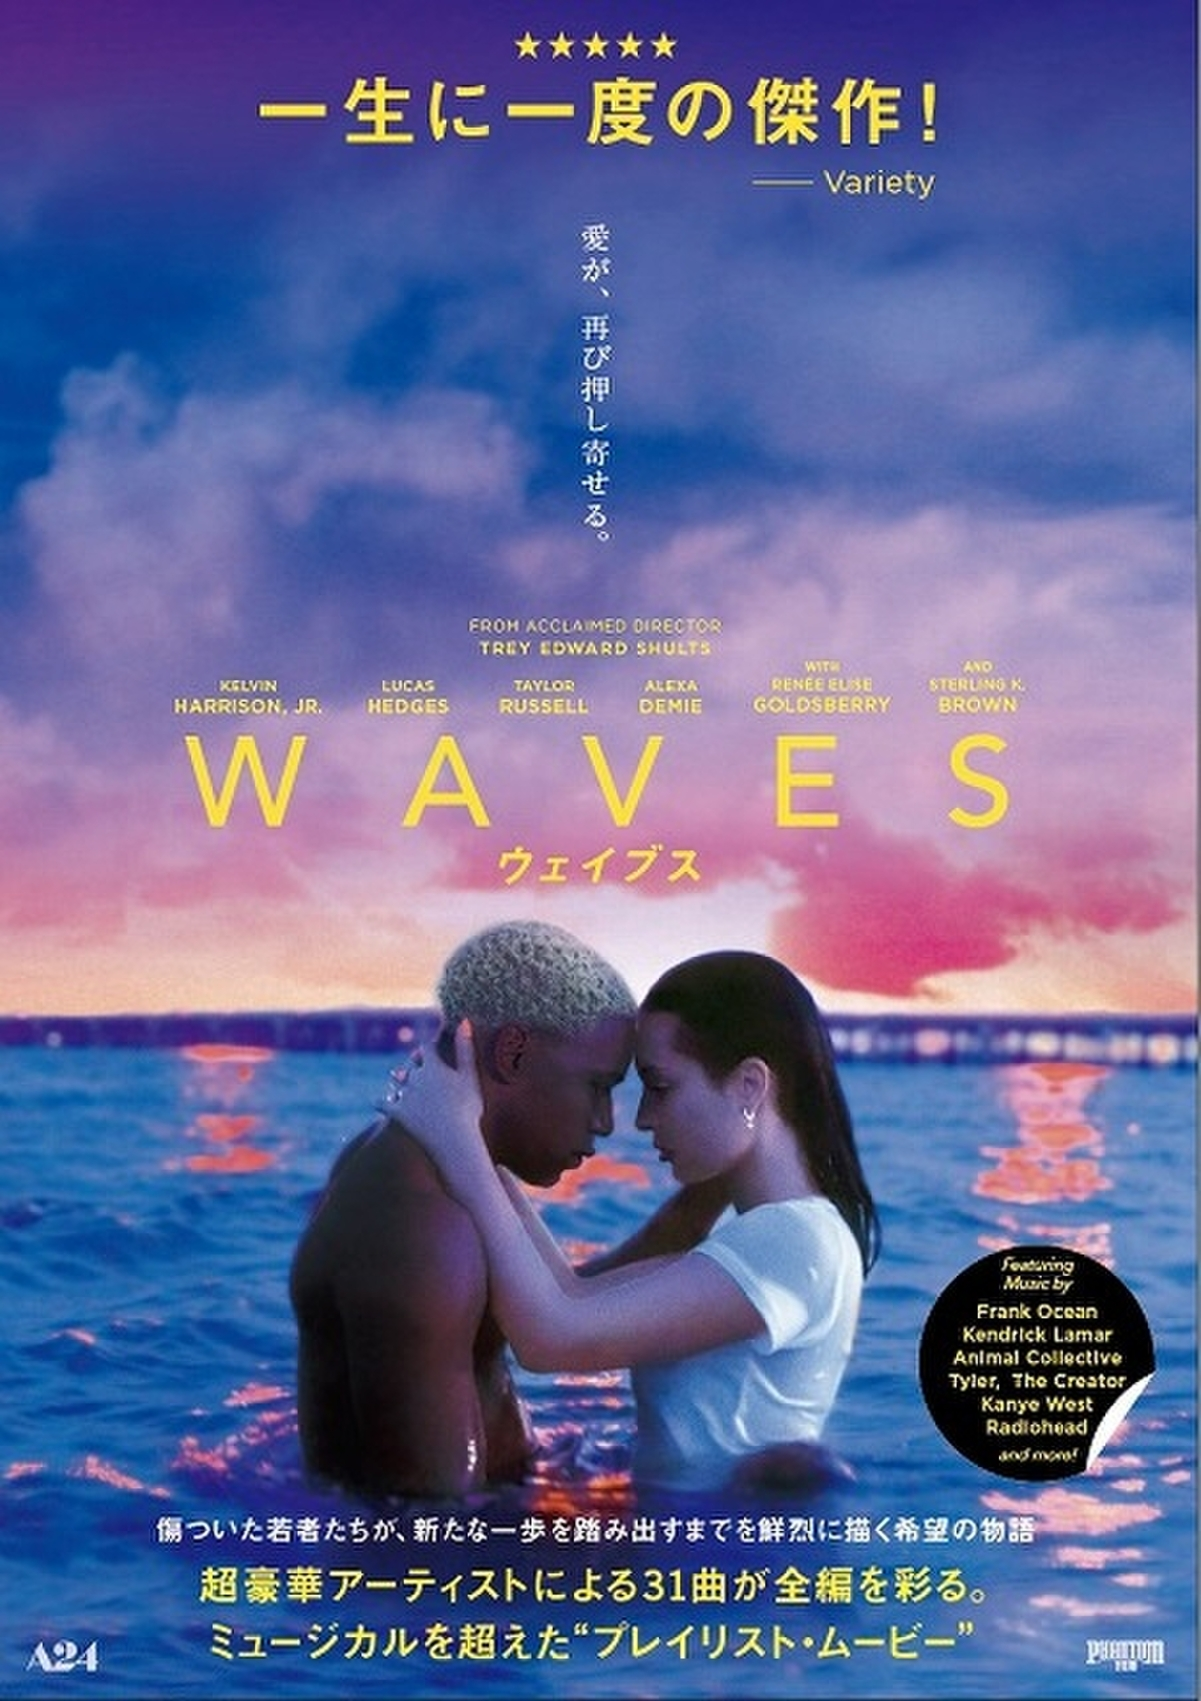 豪華アーティストによる31曲が彩る、A24最新作「WAVES ウェイブス ...